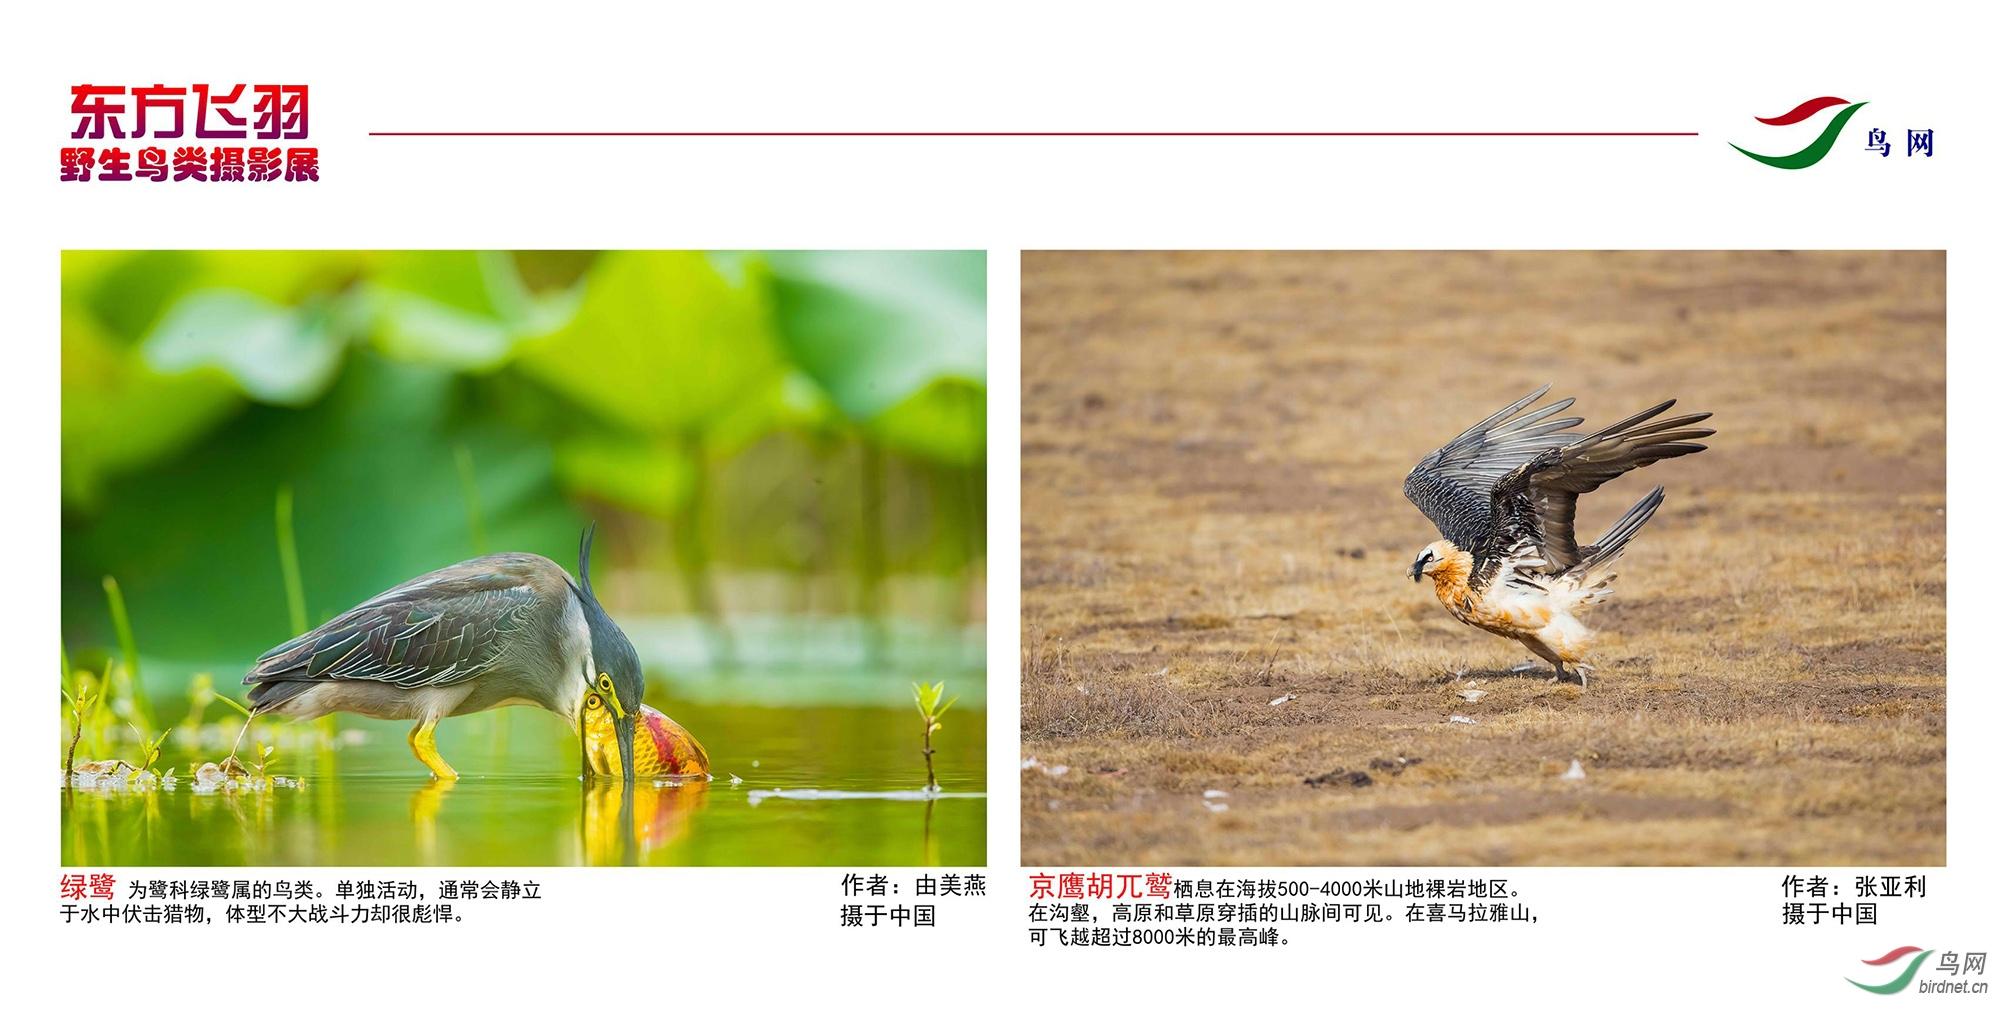 1_东方明珠摄影展照片_17.jpg